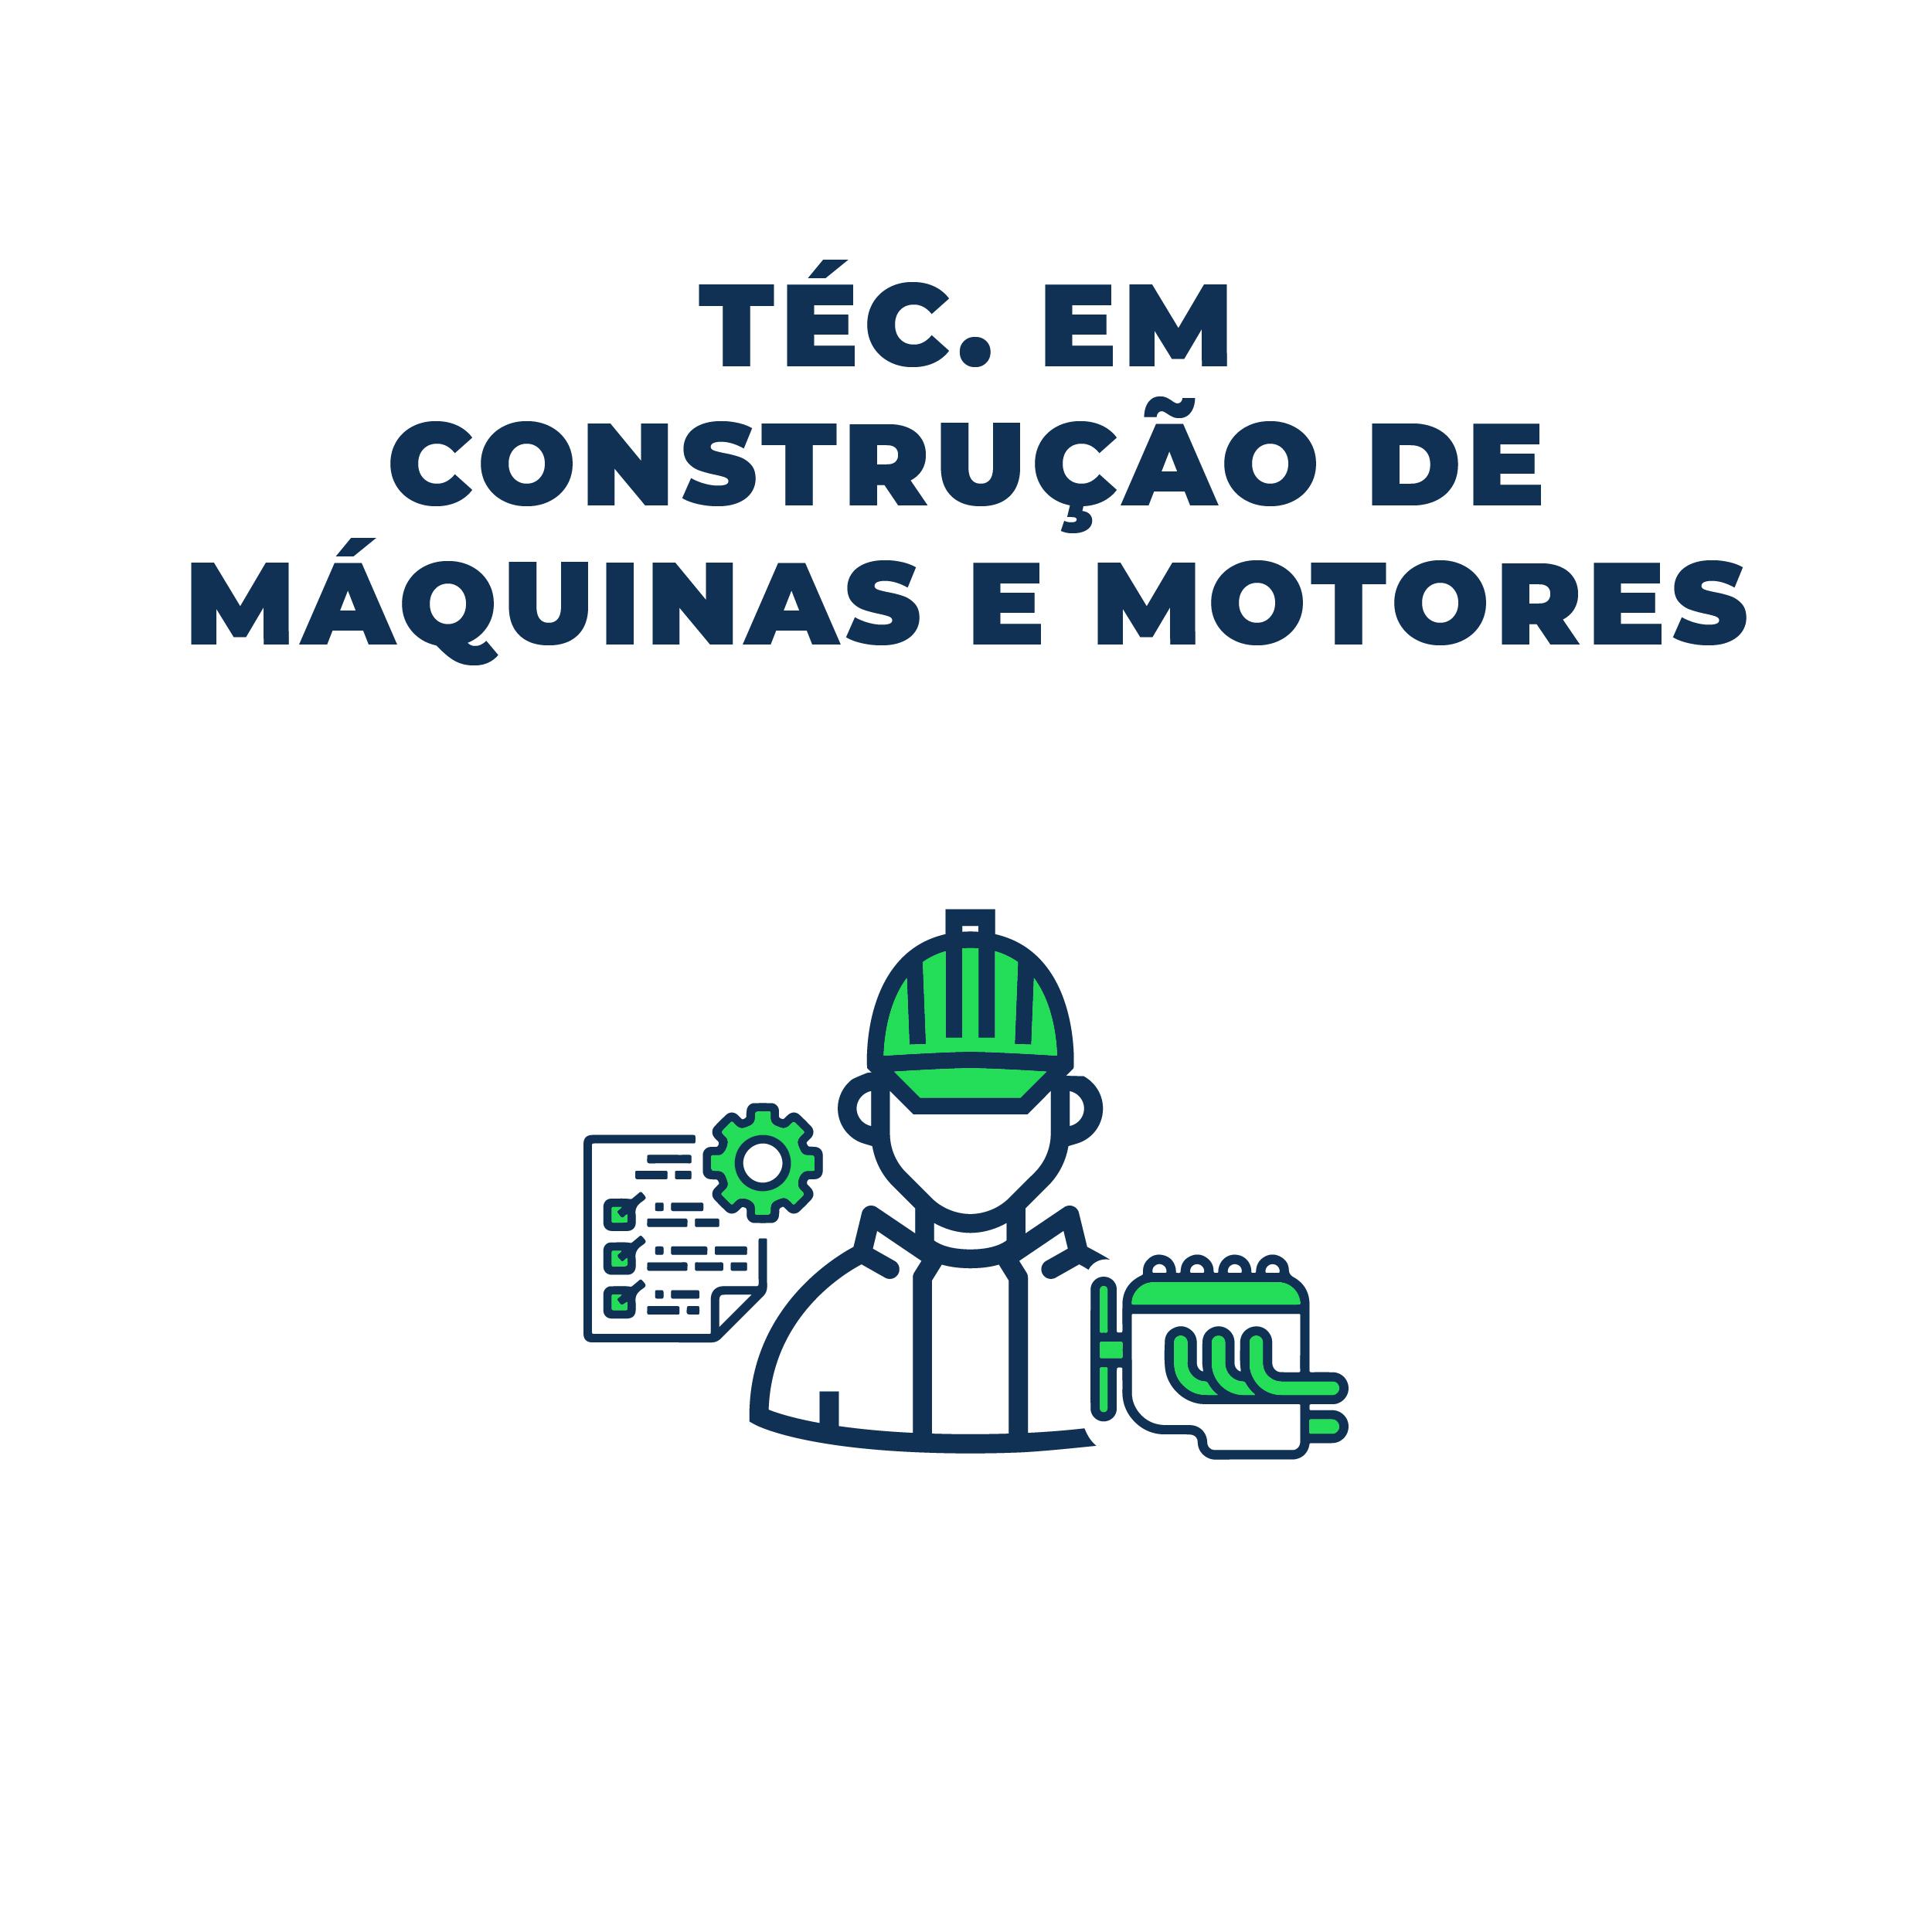 construção de maquinas e motrores